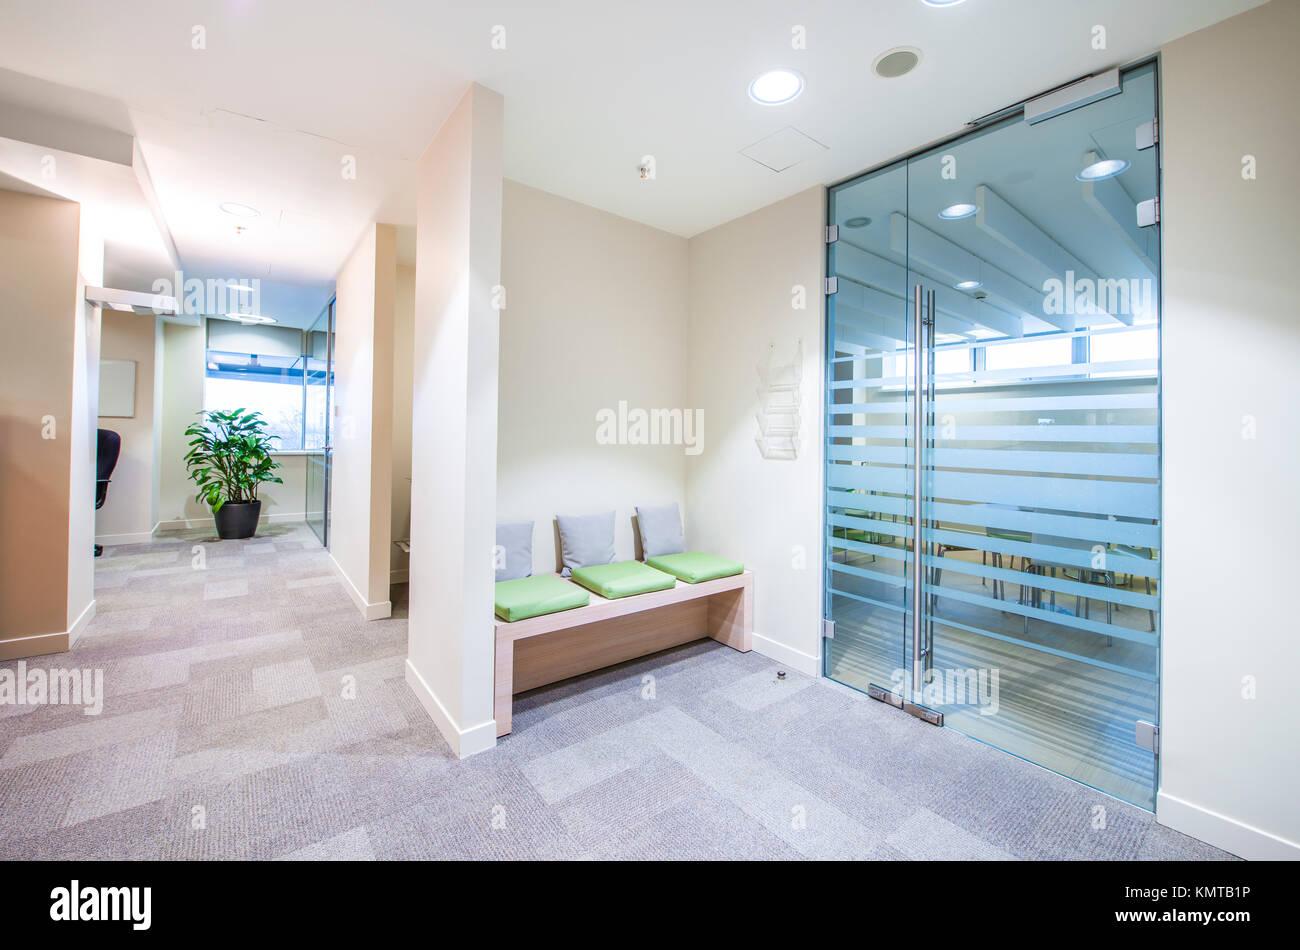 Leeren Korridor In Hellen, Modernen Büro Stockbild